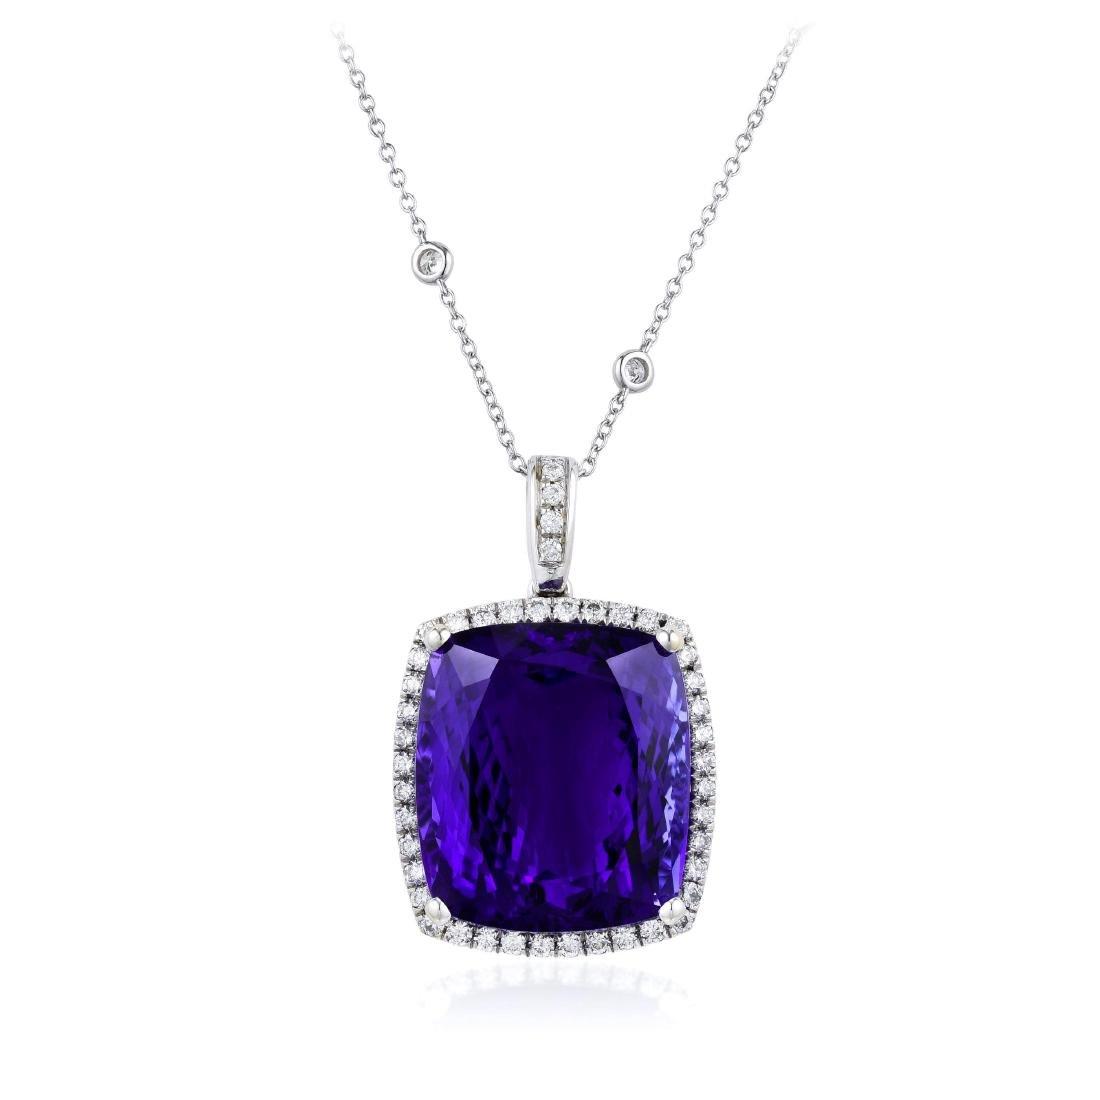 A Tanzanite and Diamond Pendant Necklace